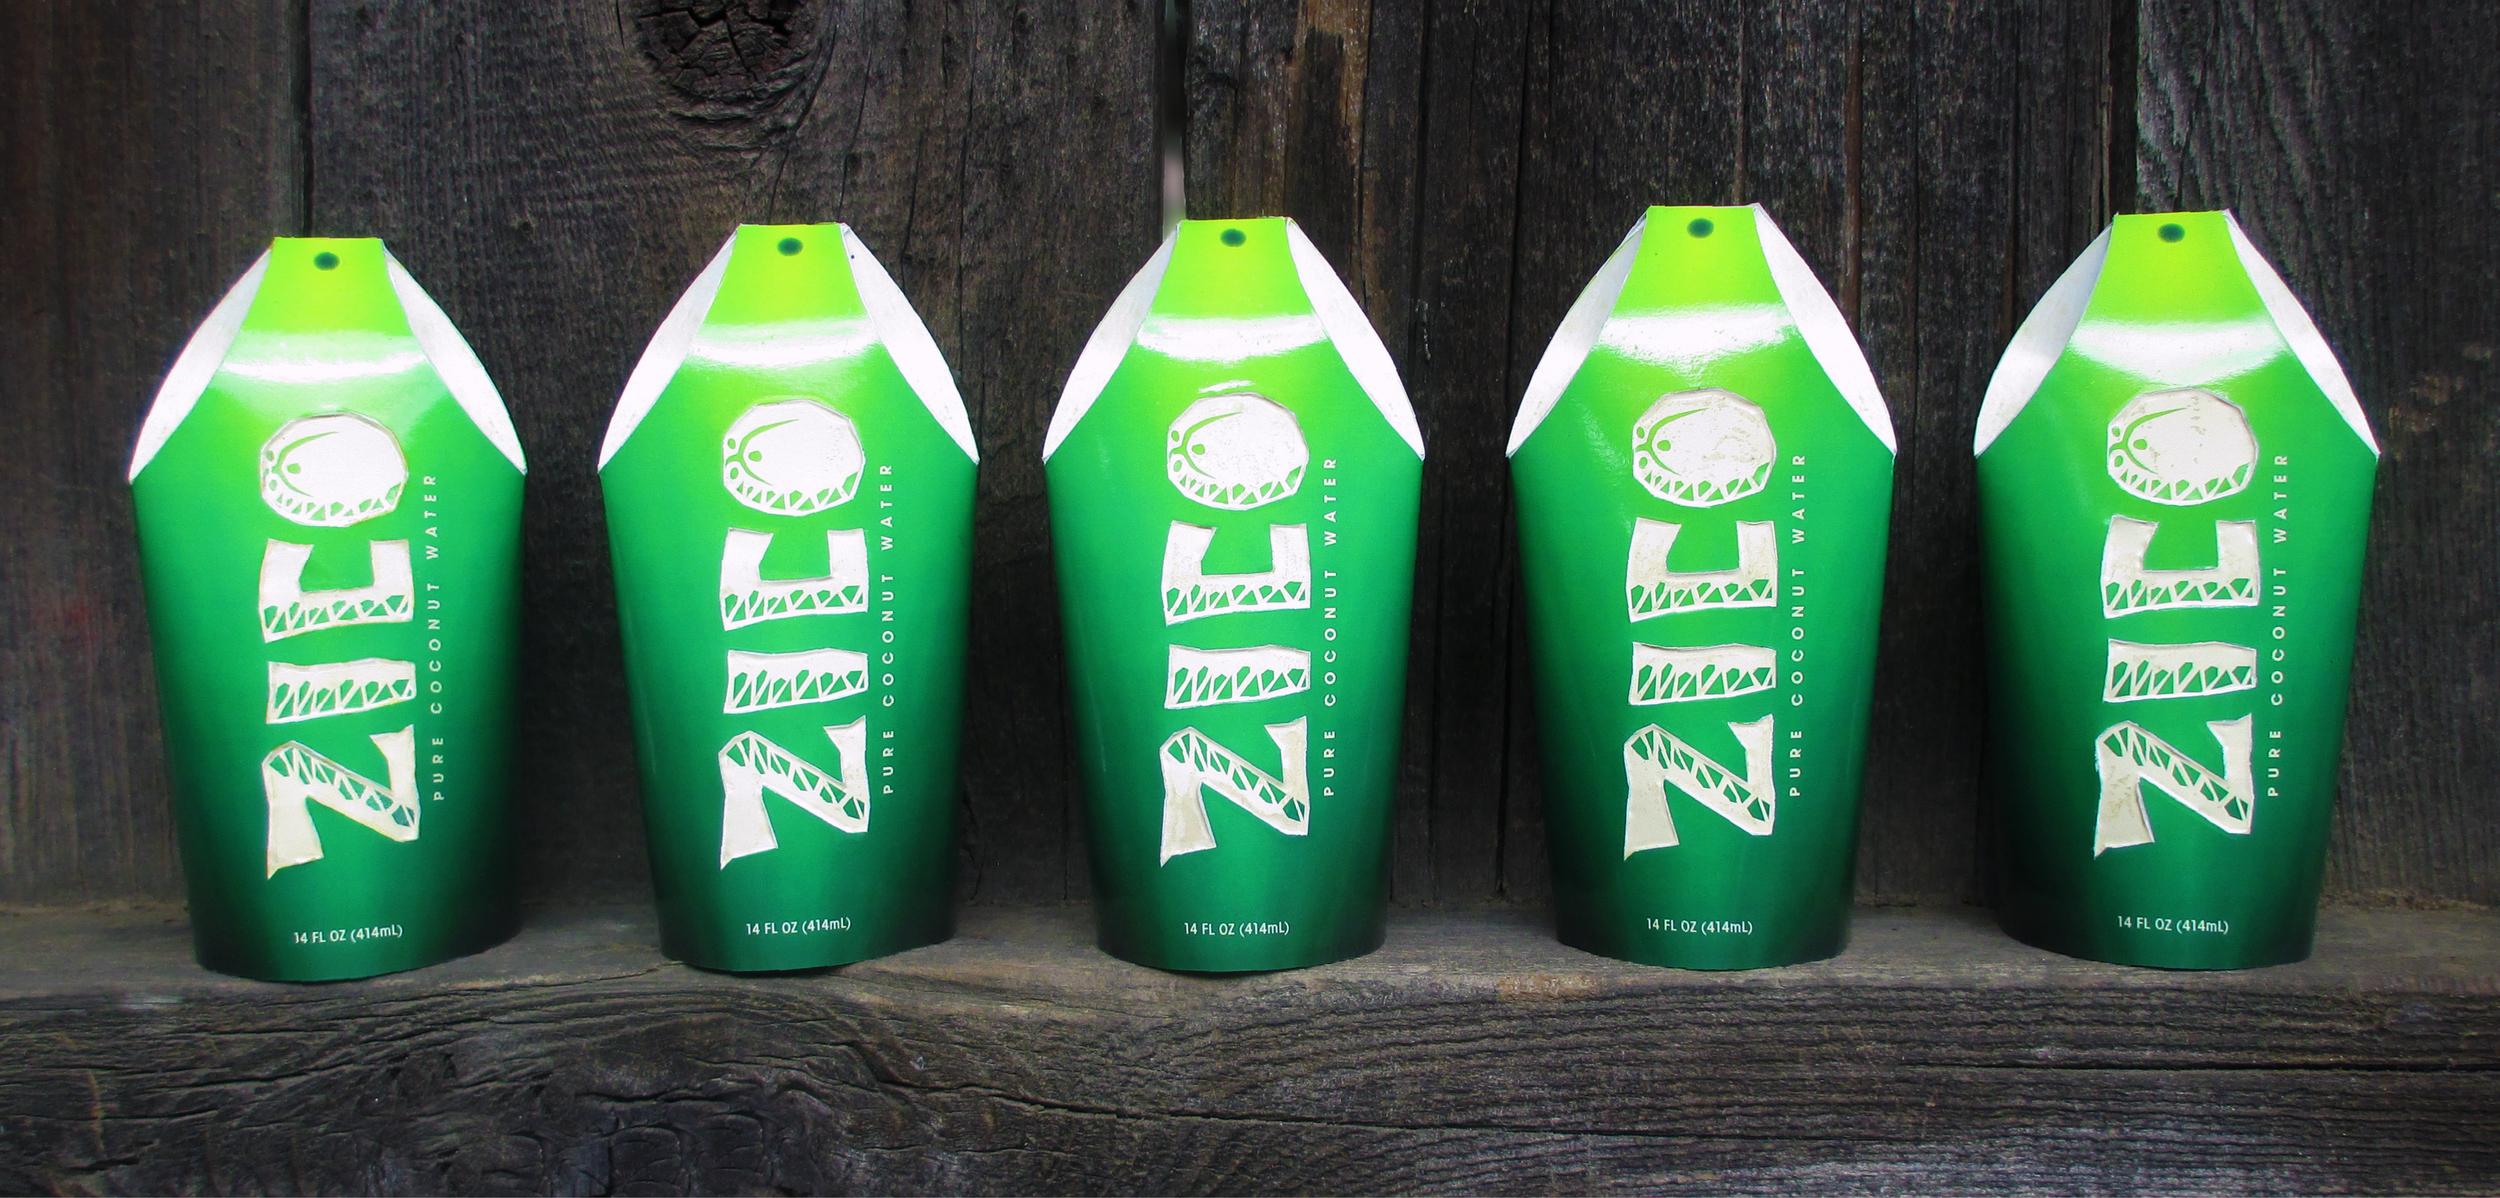 Zico Bottles